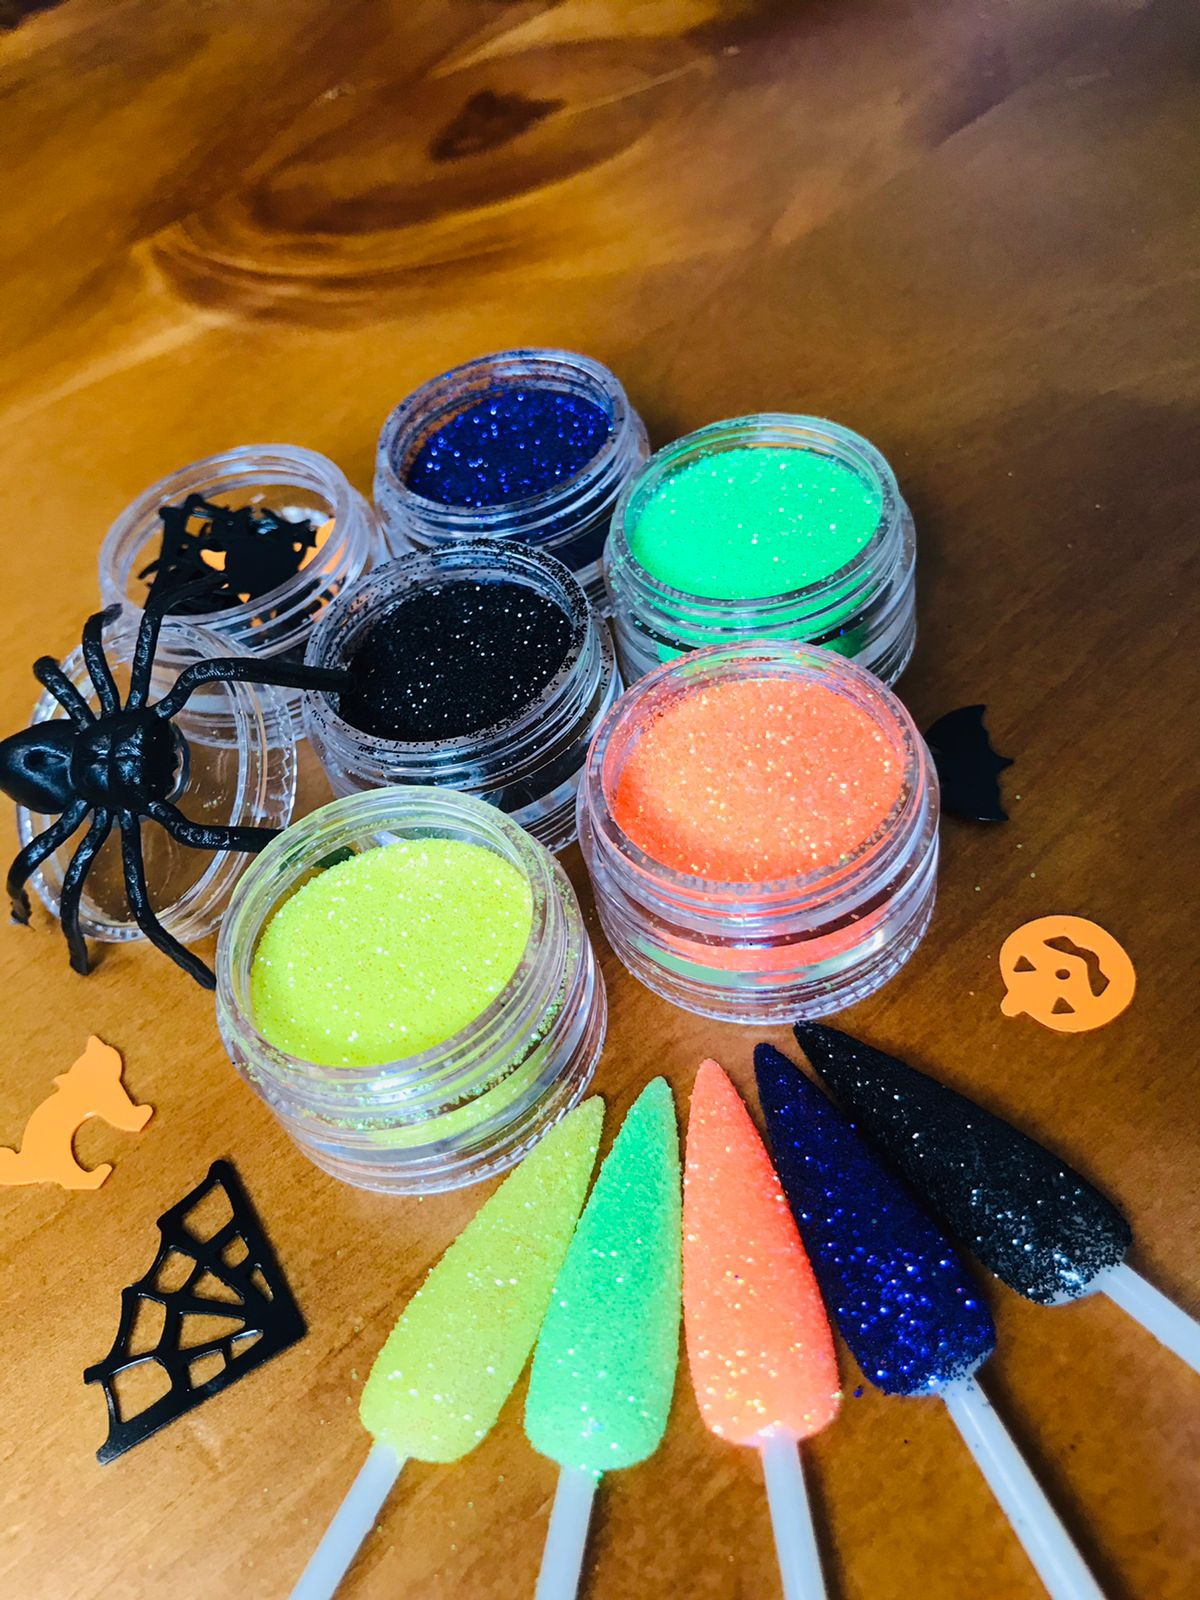 Torre glitter holográfico halloween para decoração de unhas + brindes exclusivos  - Sílvia Pedrarias & Cia